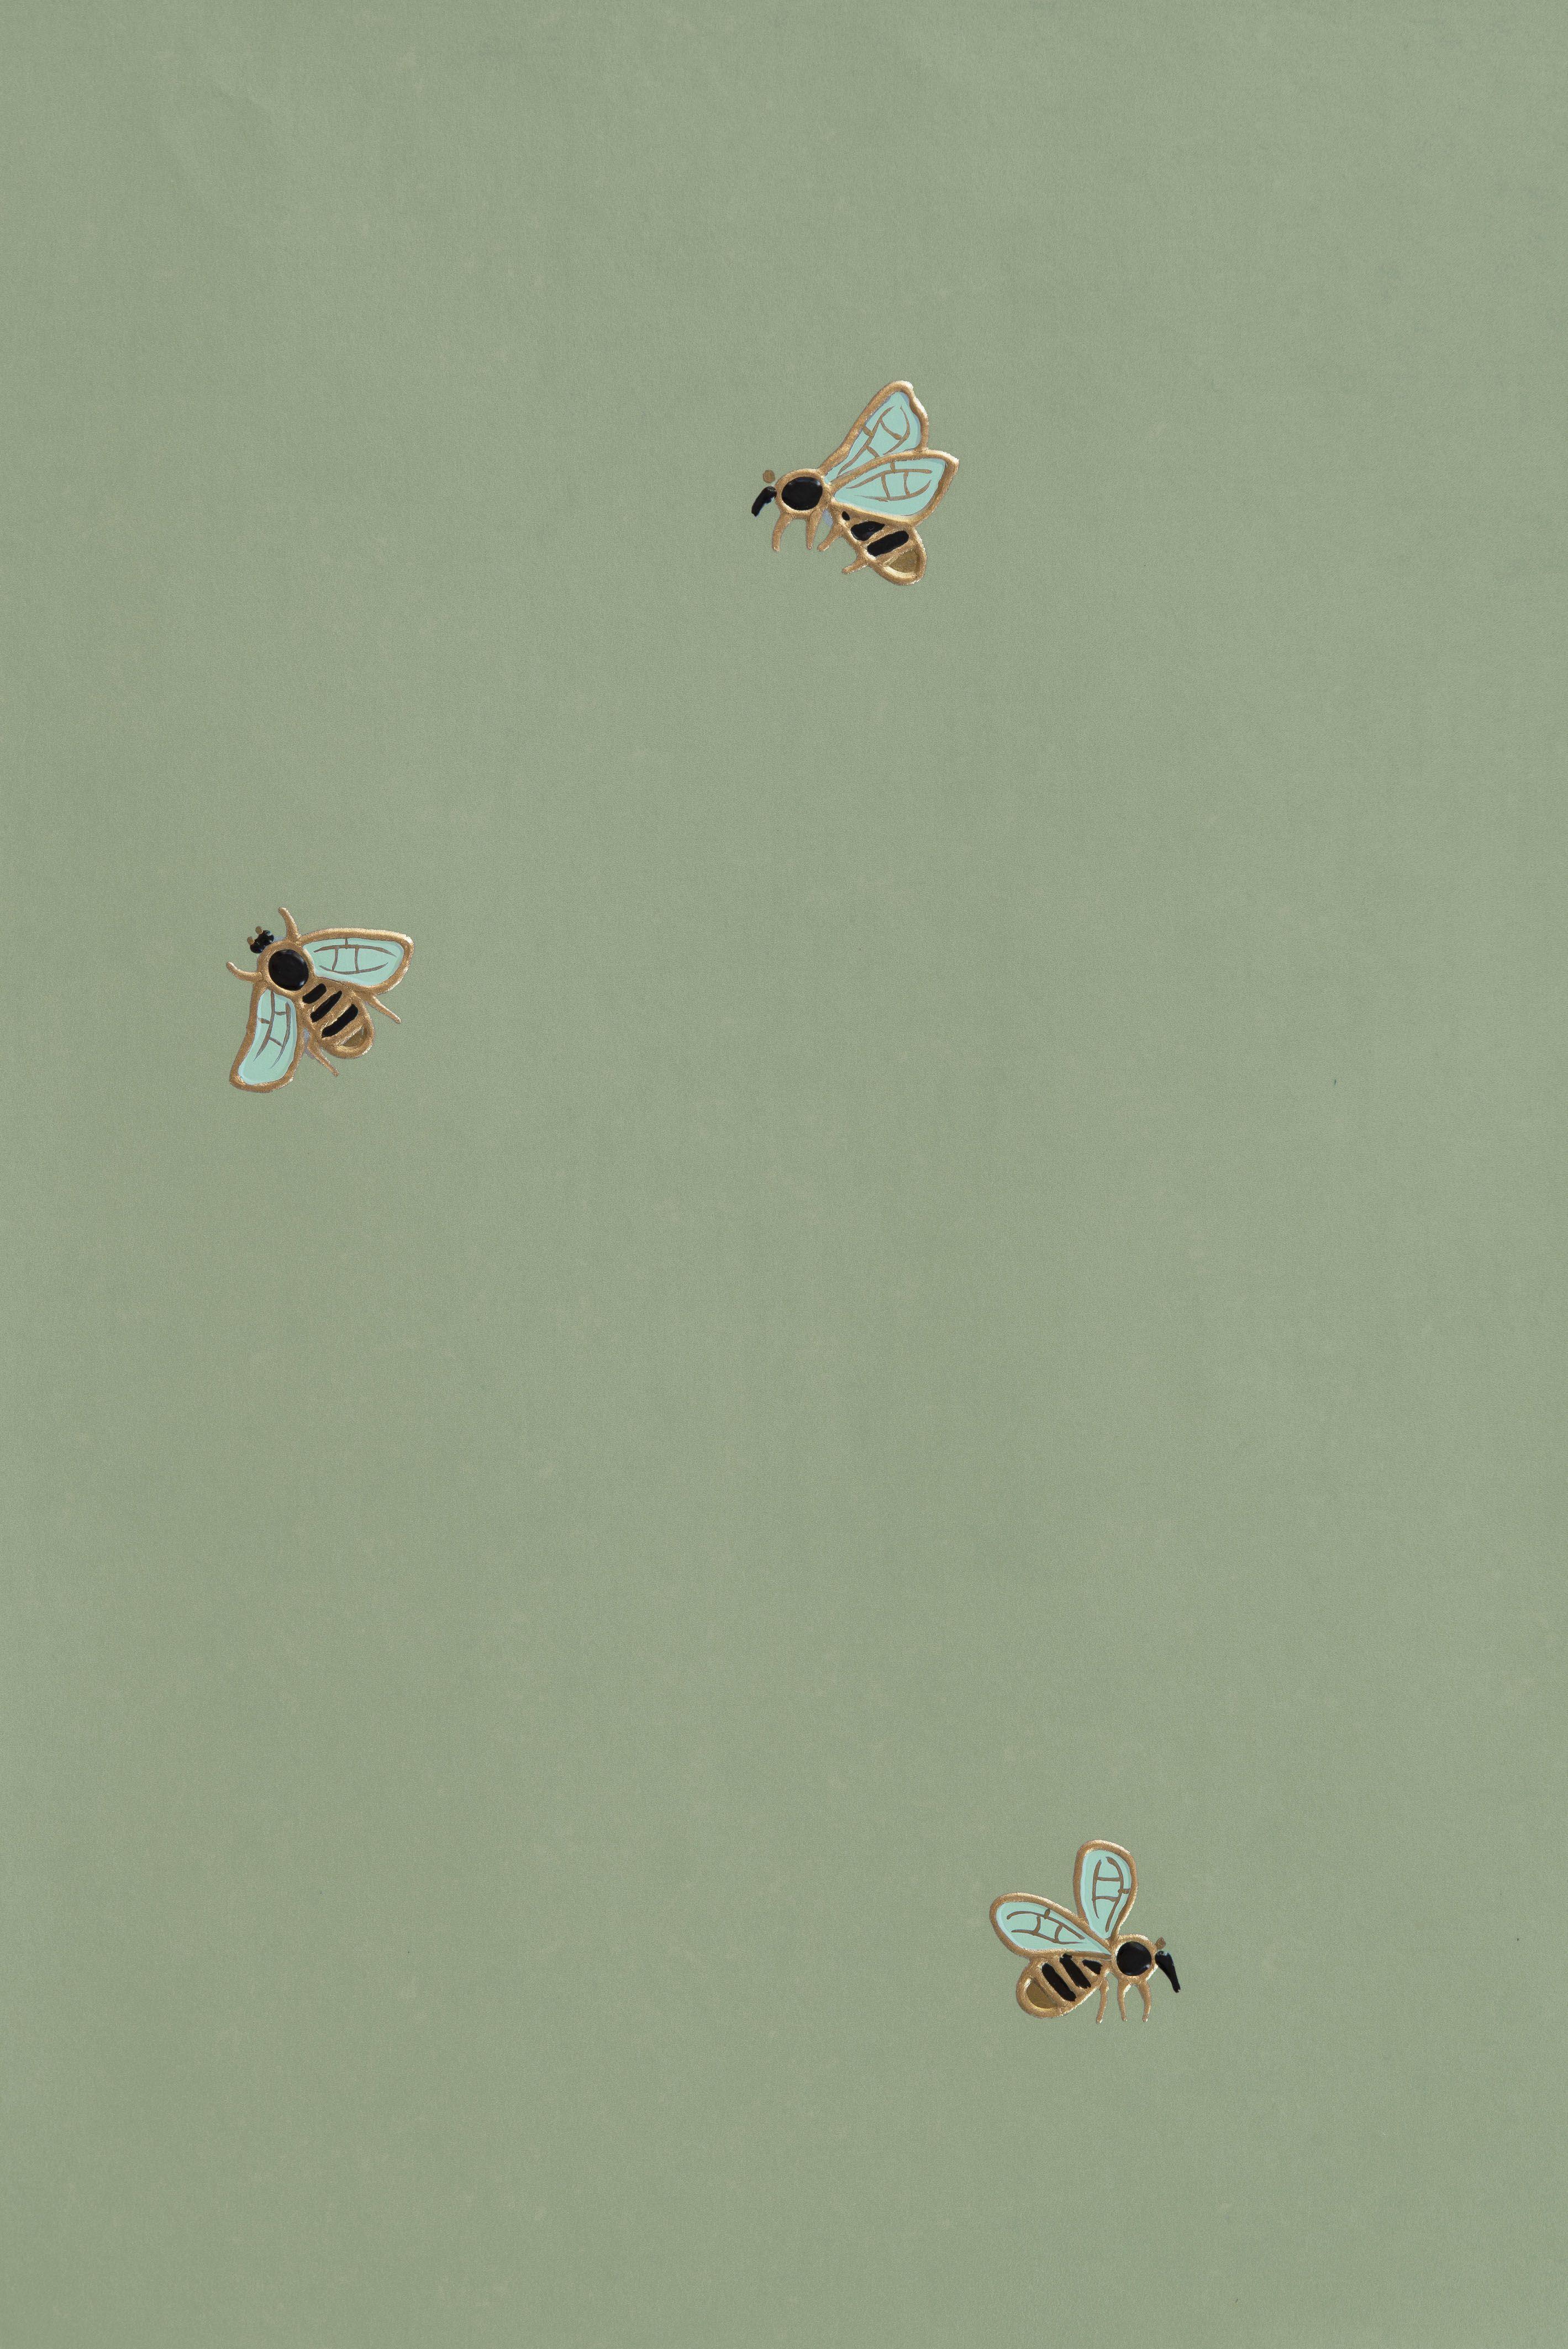 2838x4252 The Bees - Fromental.  Thẩm mỹ xanh, Thẩm mỹ xanh bạc hà, Giấy dán tường xanh